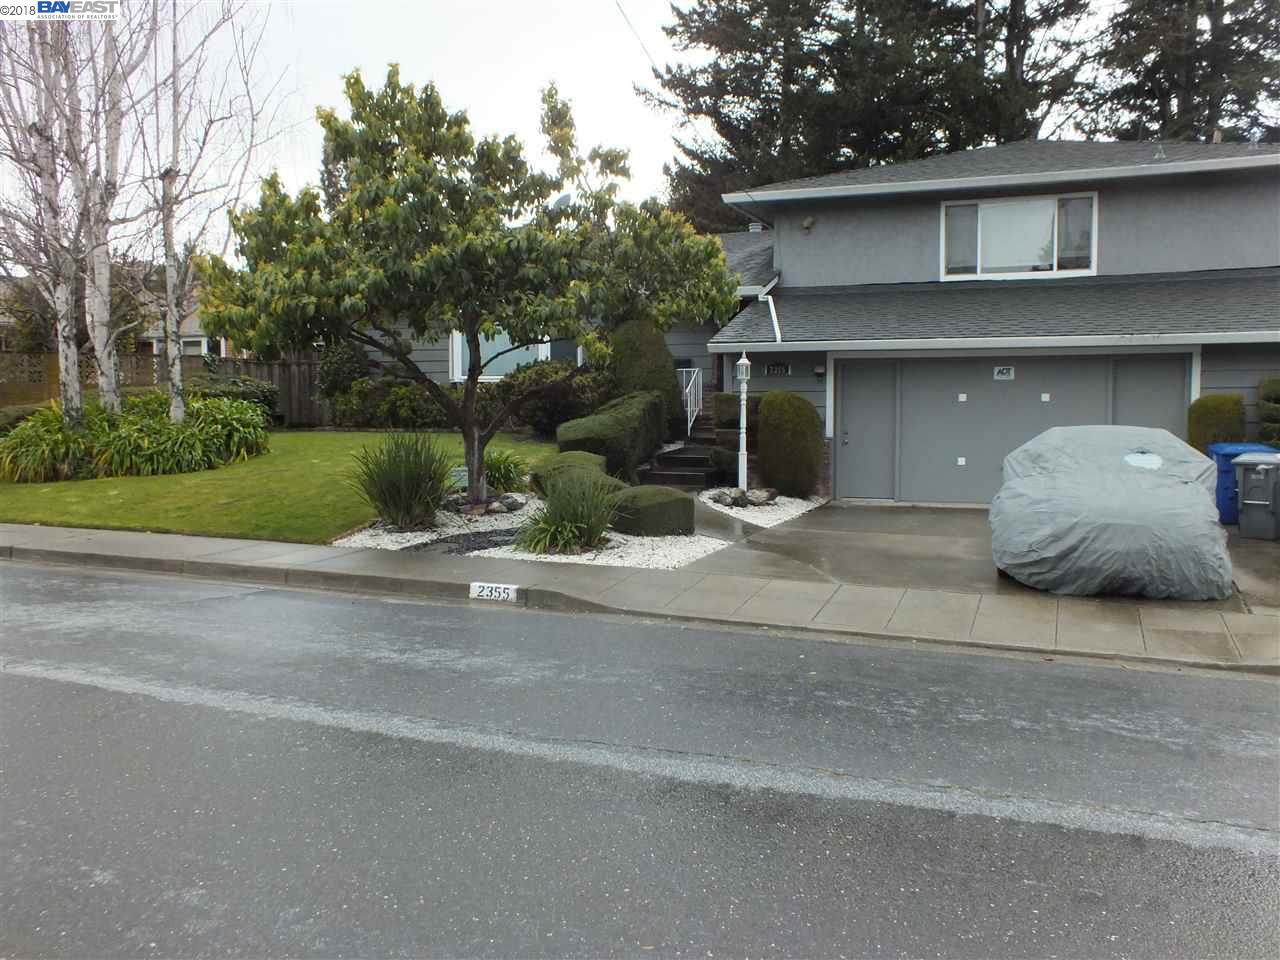 Maison unifamiliale pour l à louer à 2355 Lakeview 2355 Lakeview San Leandro, Californie 94577 États-Unis